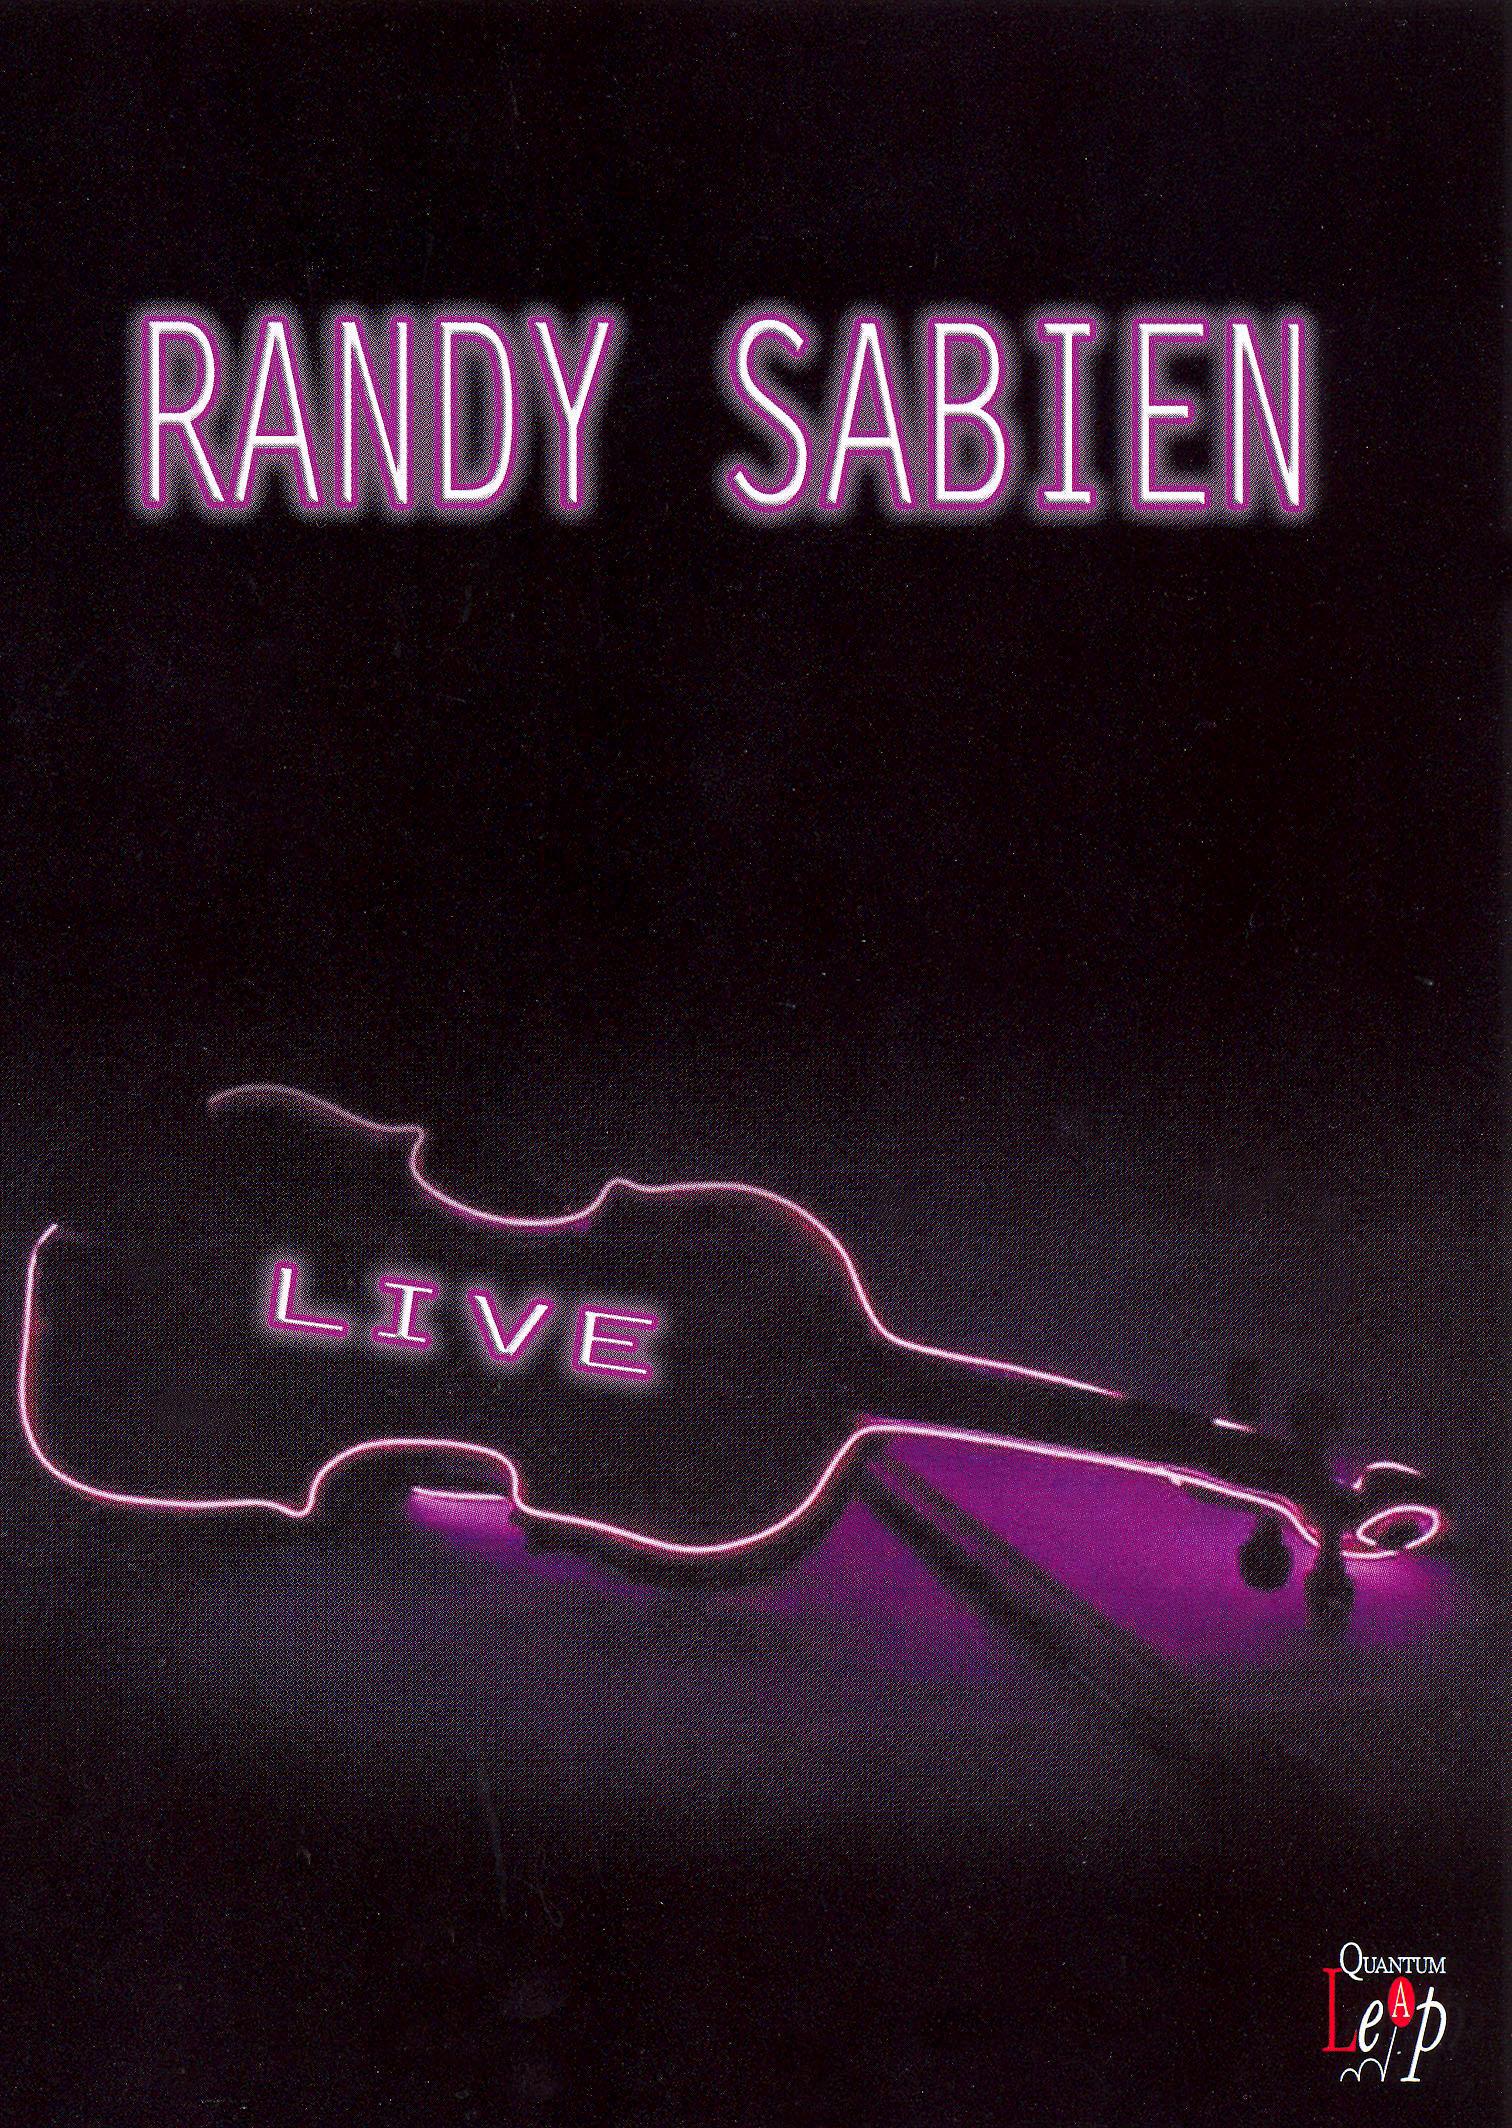 Randy Sabien: Live in Minneapolis